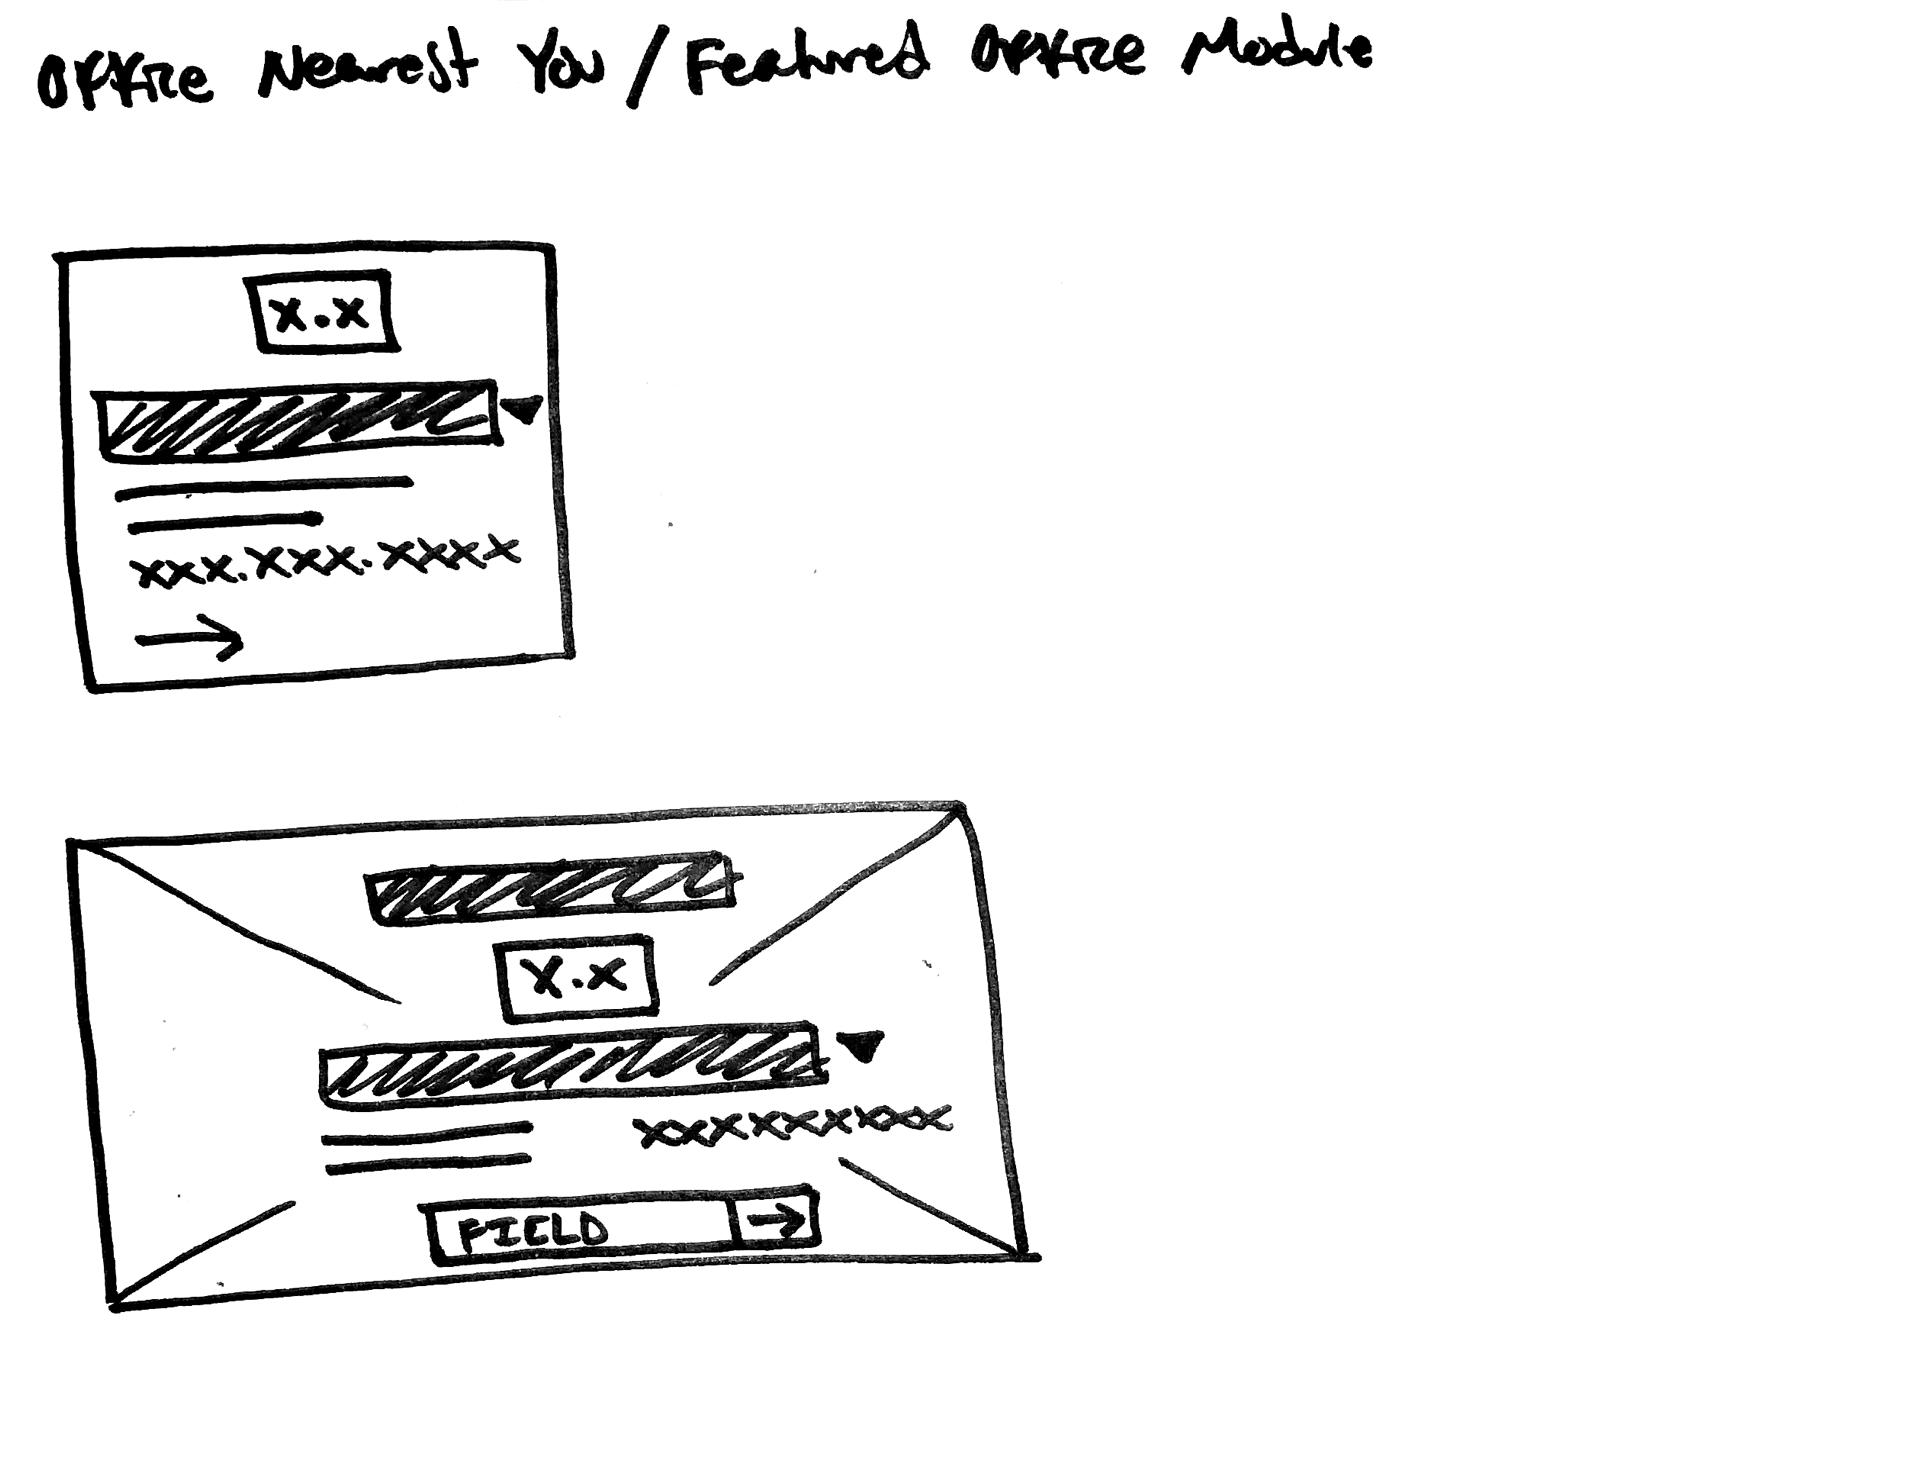 Office Near You Module